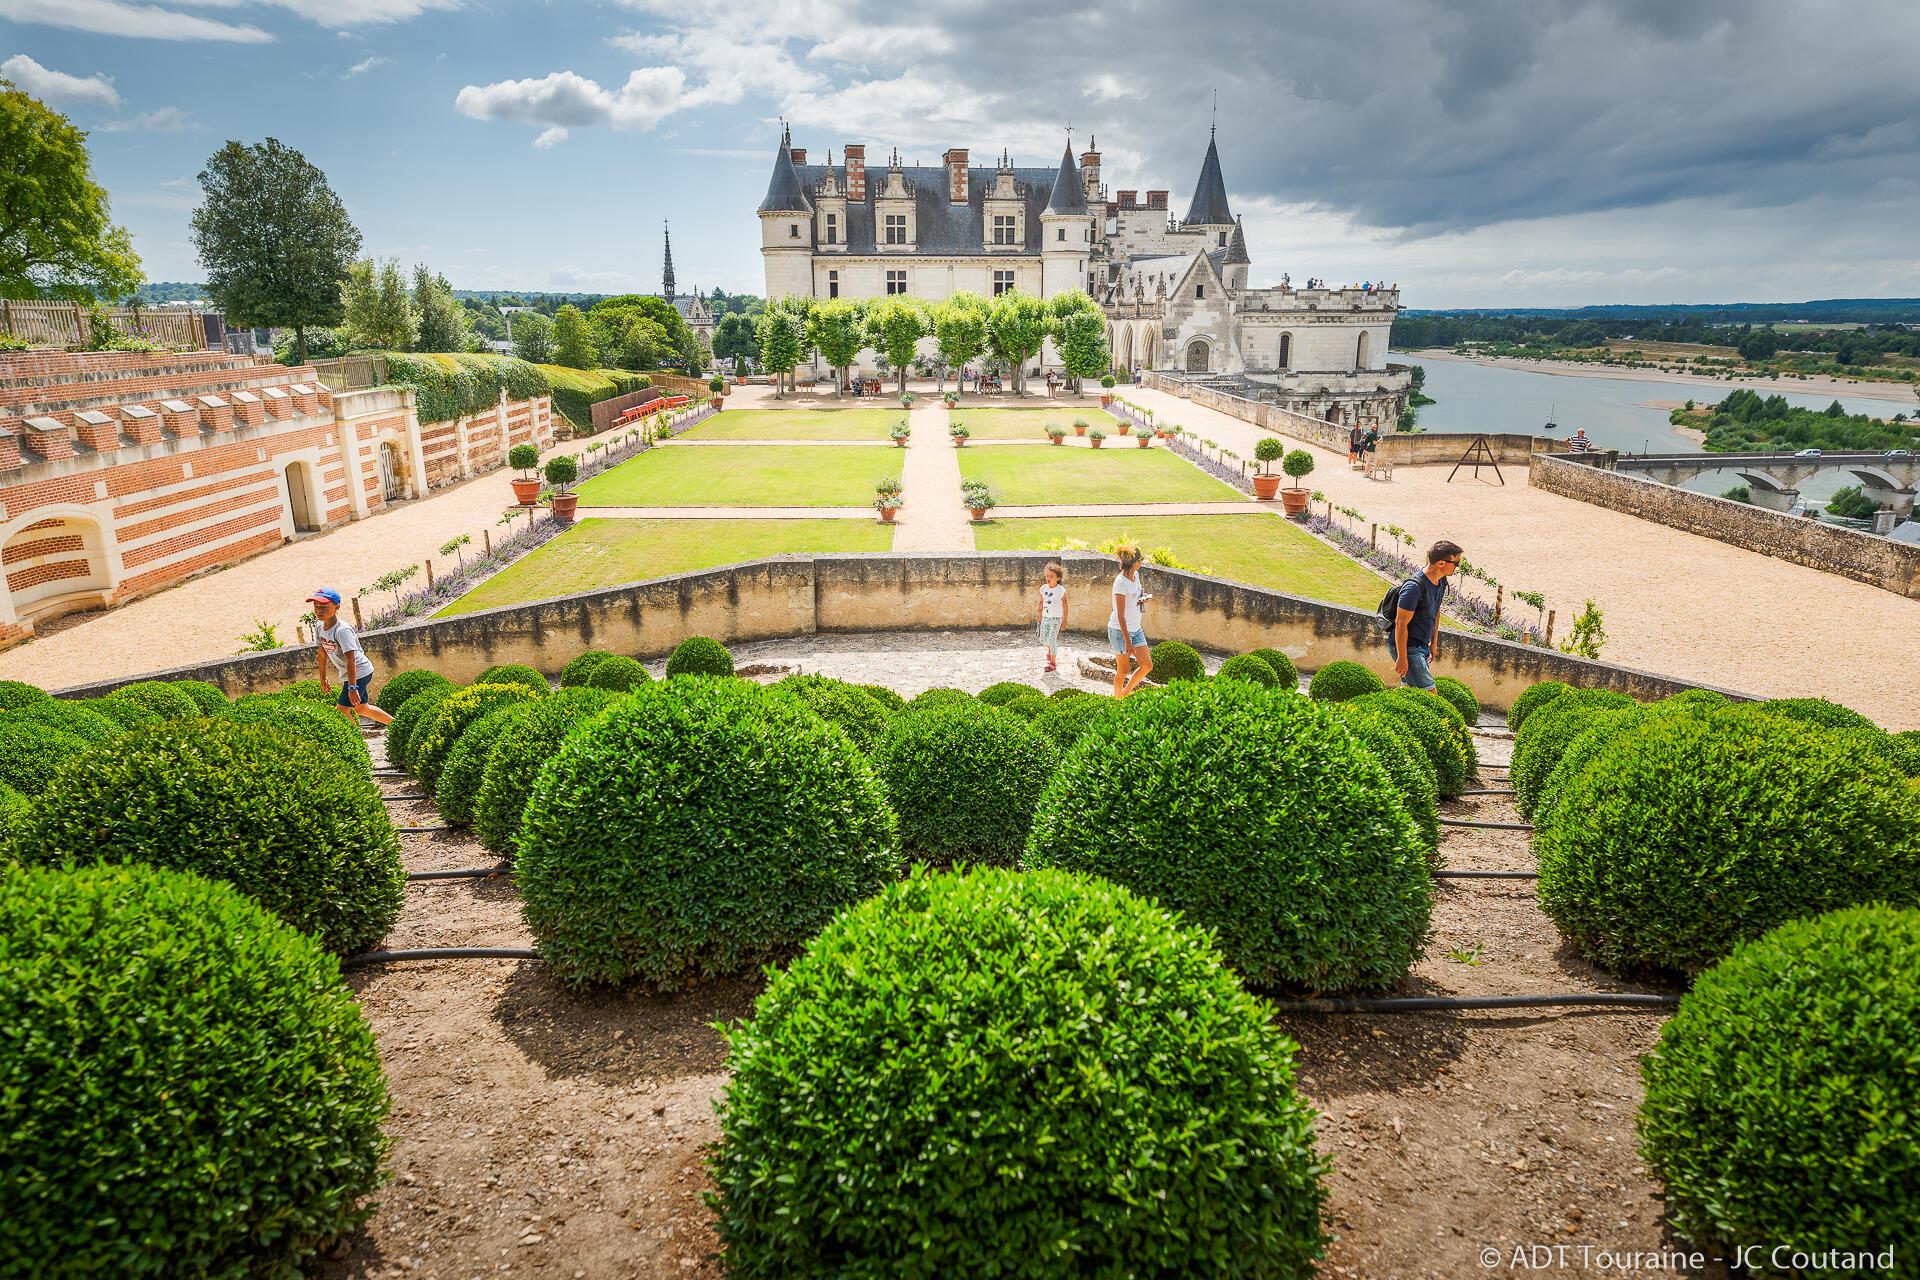 Парк замка Амбуаз создан для спокойствия, считает дирекция. Поэтому деревья постригли в форме подушек